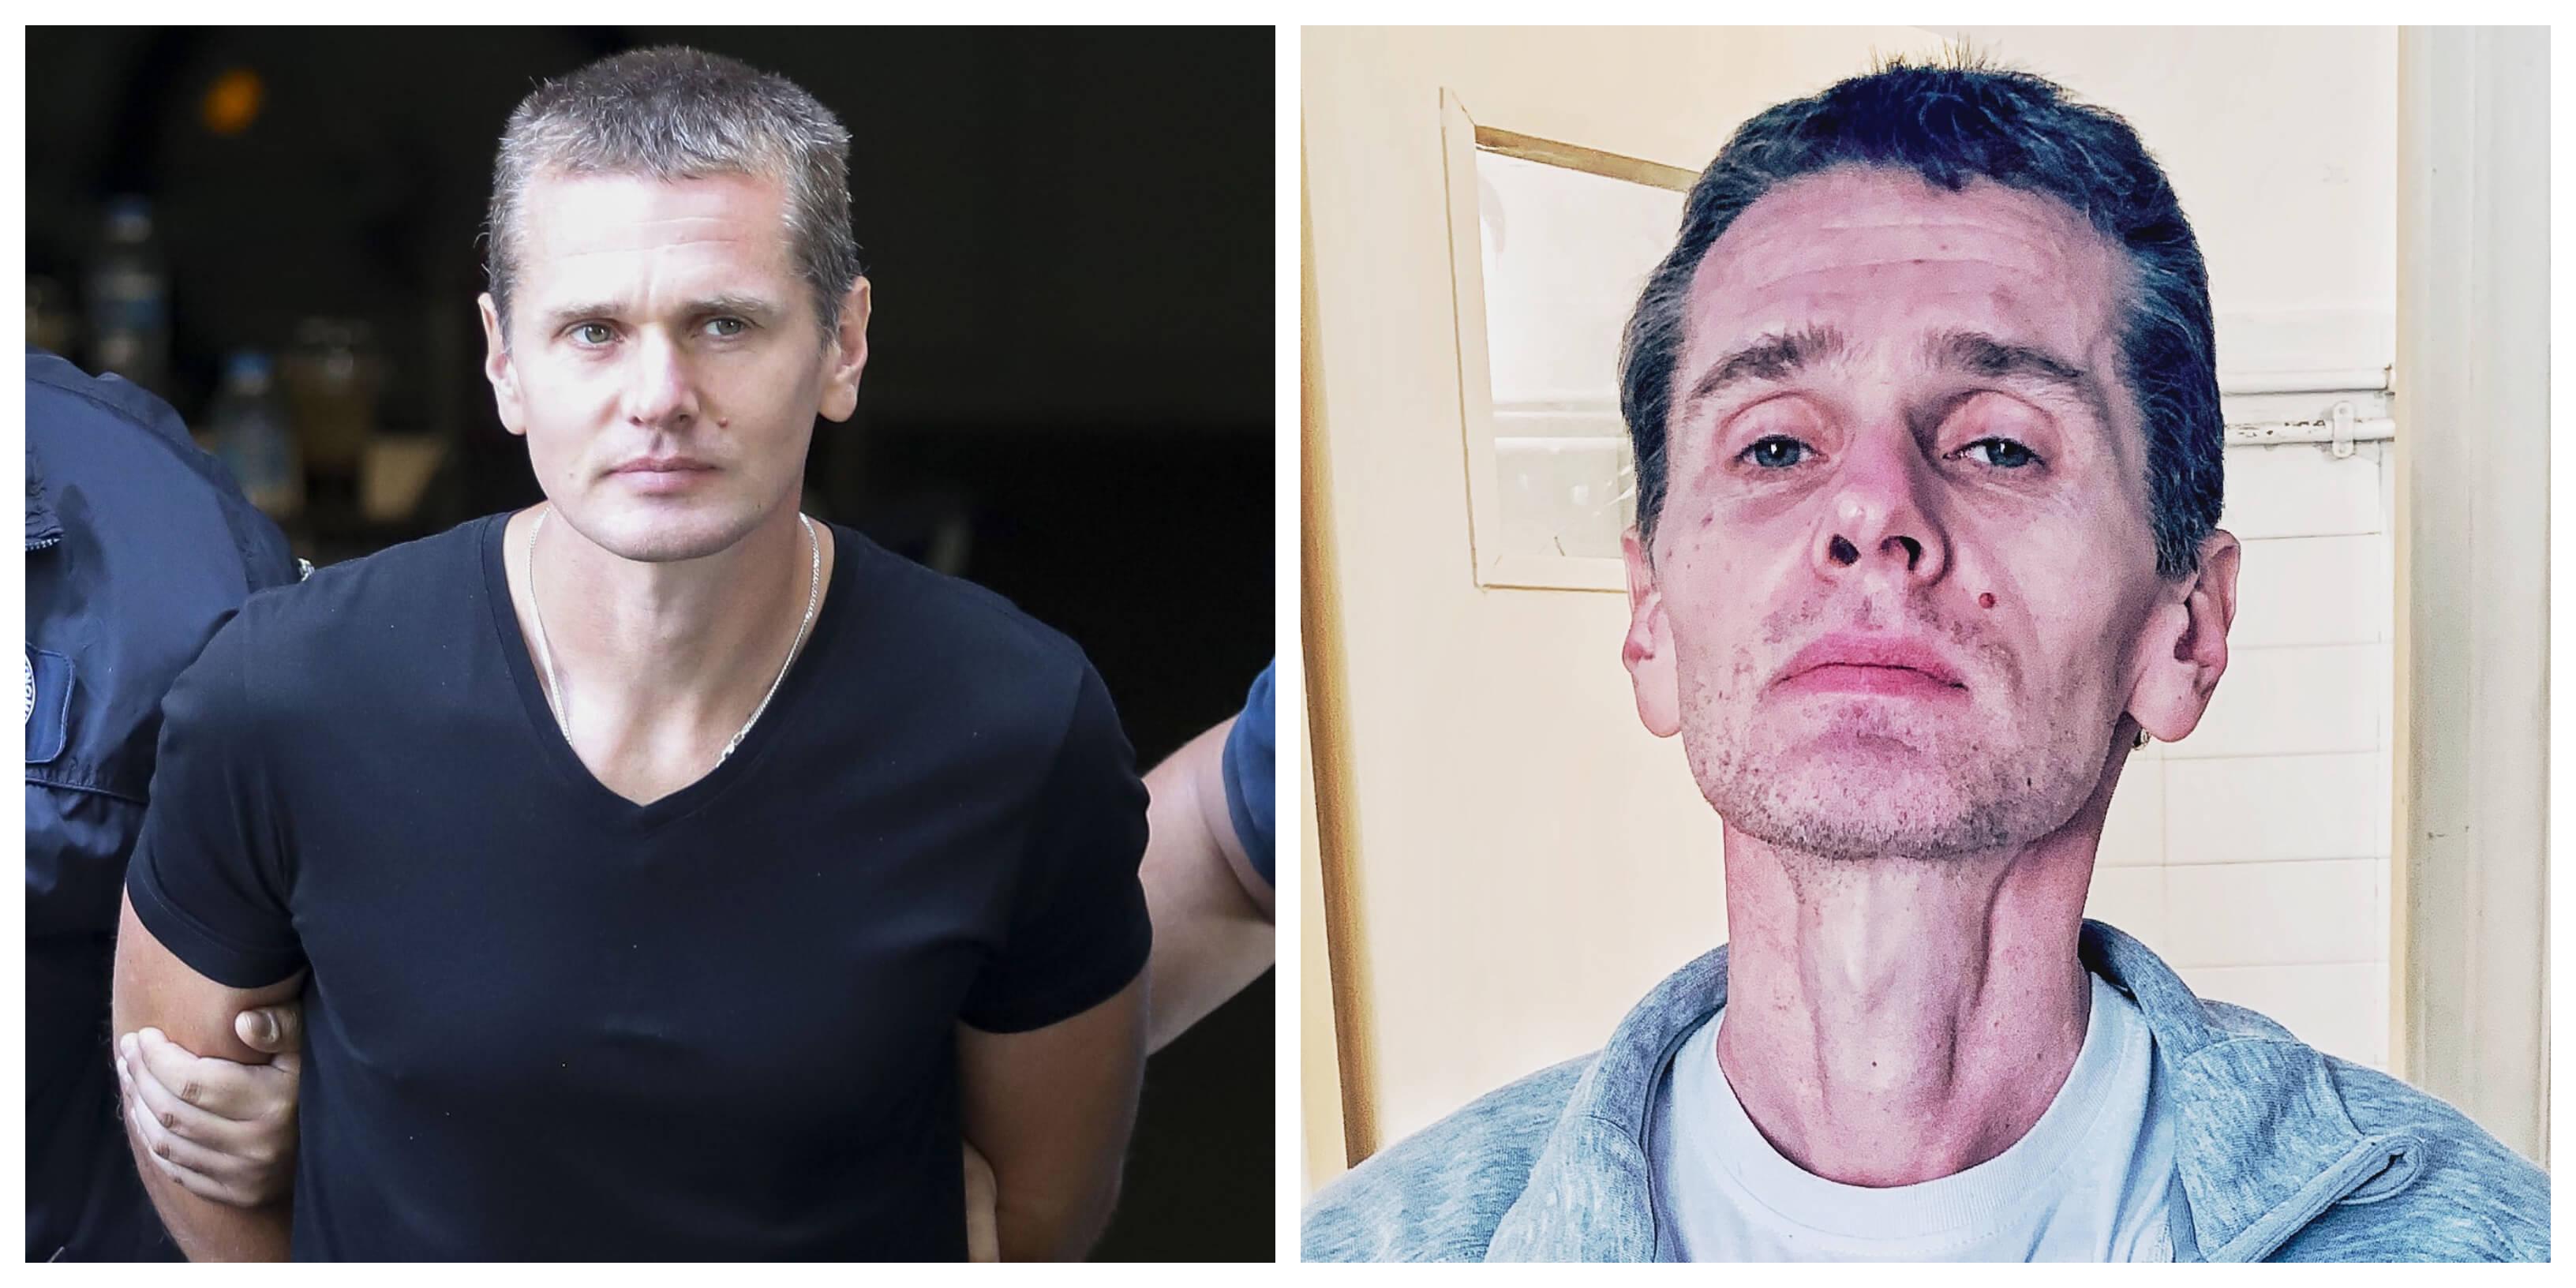 """Σοκαριστικές εικόνες του """"Mr. Bitcoin"""" μέσα από την φυλακή – 90 μέρες σε απεργία πείνας – video"""